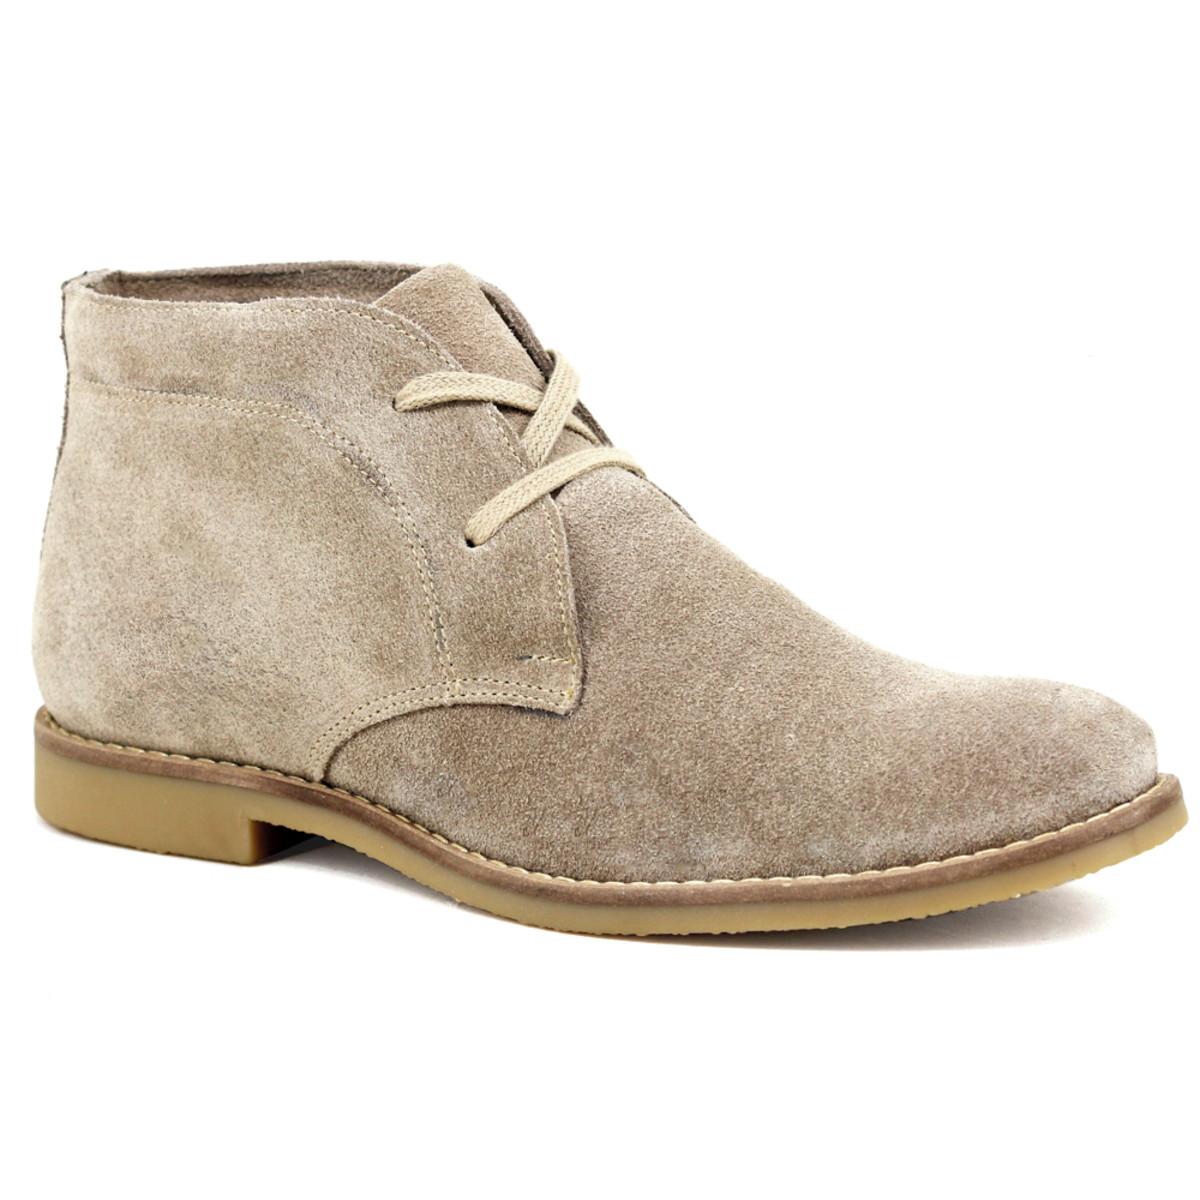 05c2918363 Botina Luxury Desert Boots ESCRETE Em Couro Camurça 503 no Elo7 ...